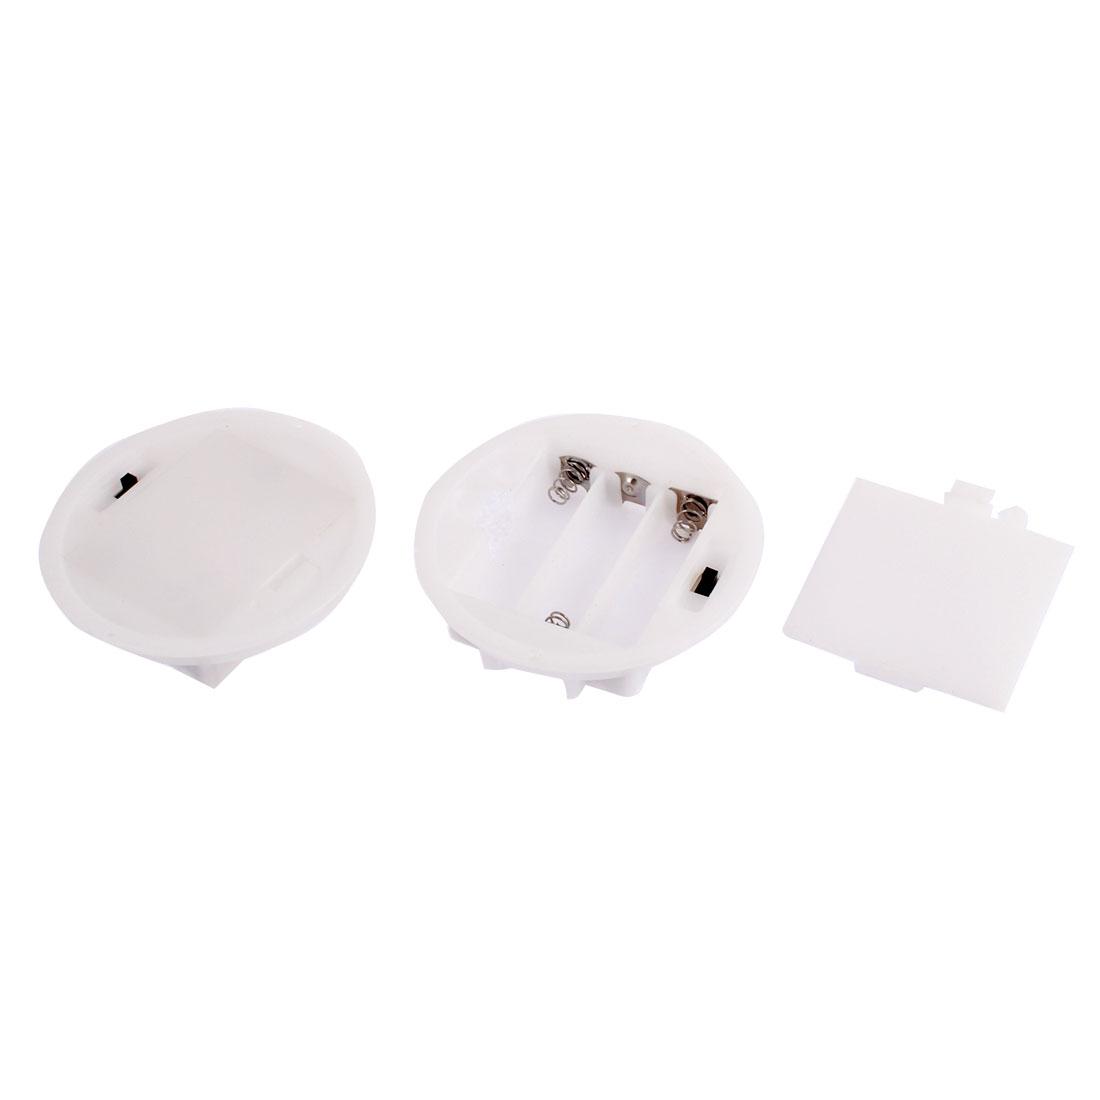 Plastic Round 3 x 1.5V AA Battery Clip Holder Box Case White 2 Pcs